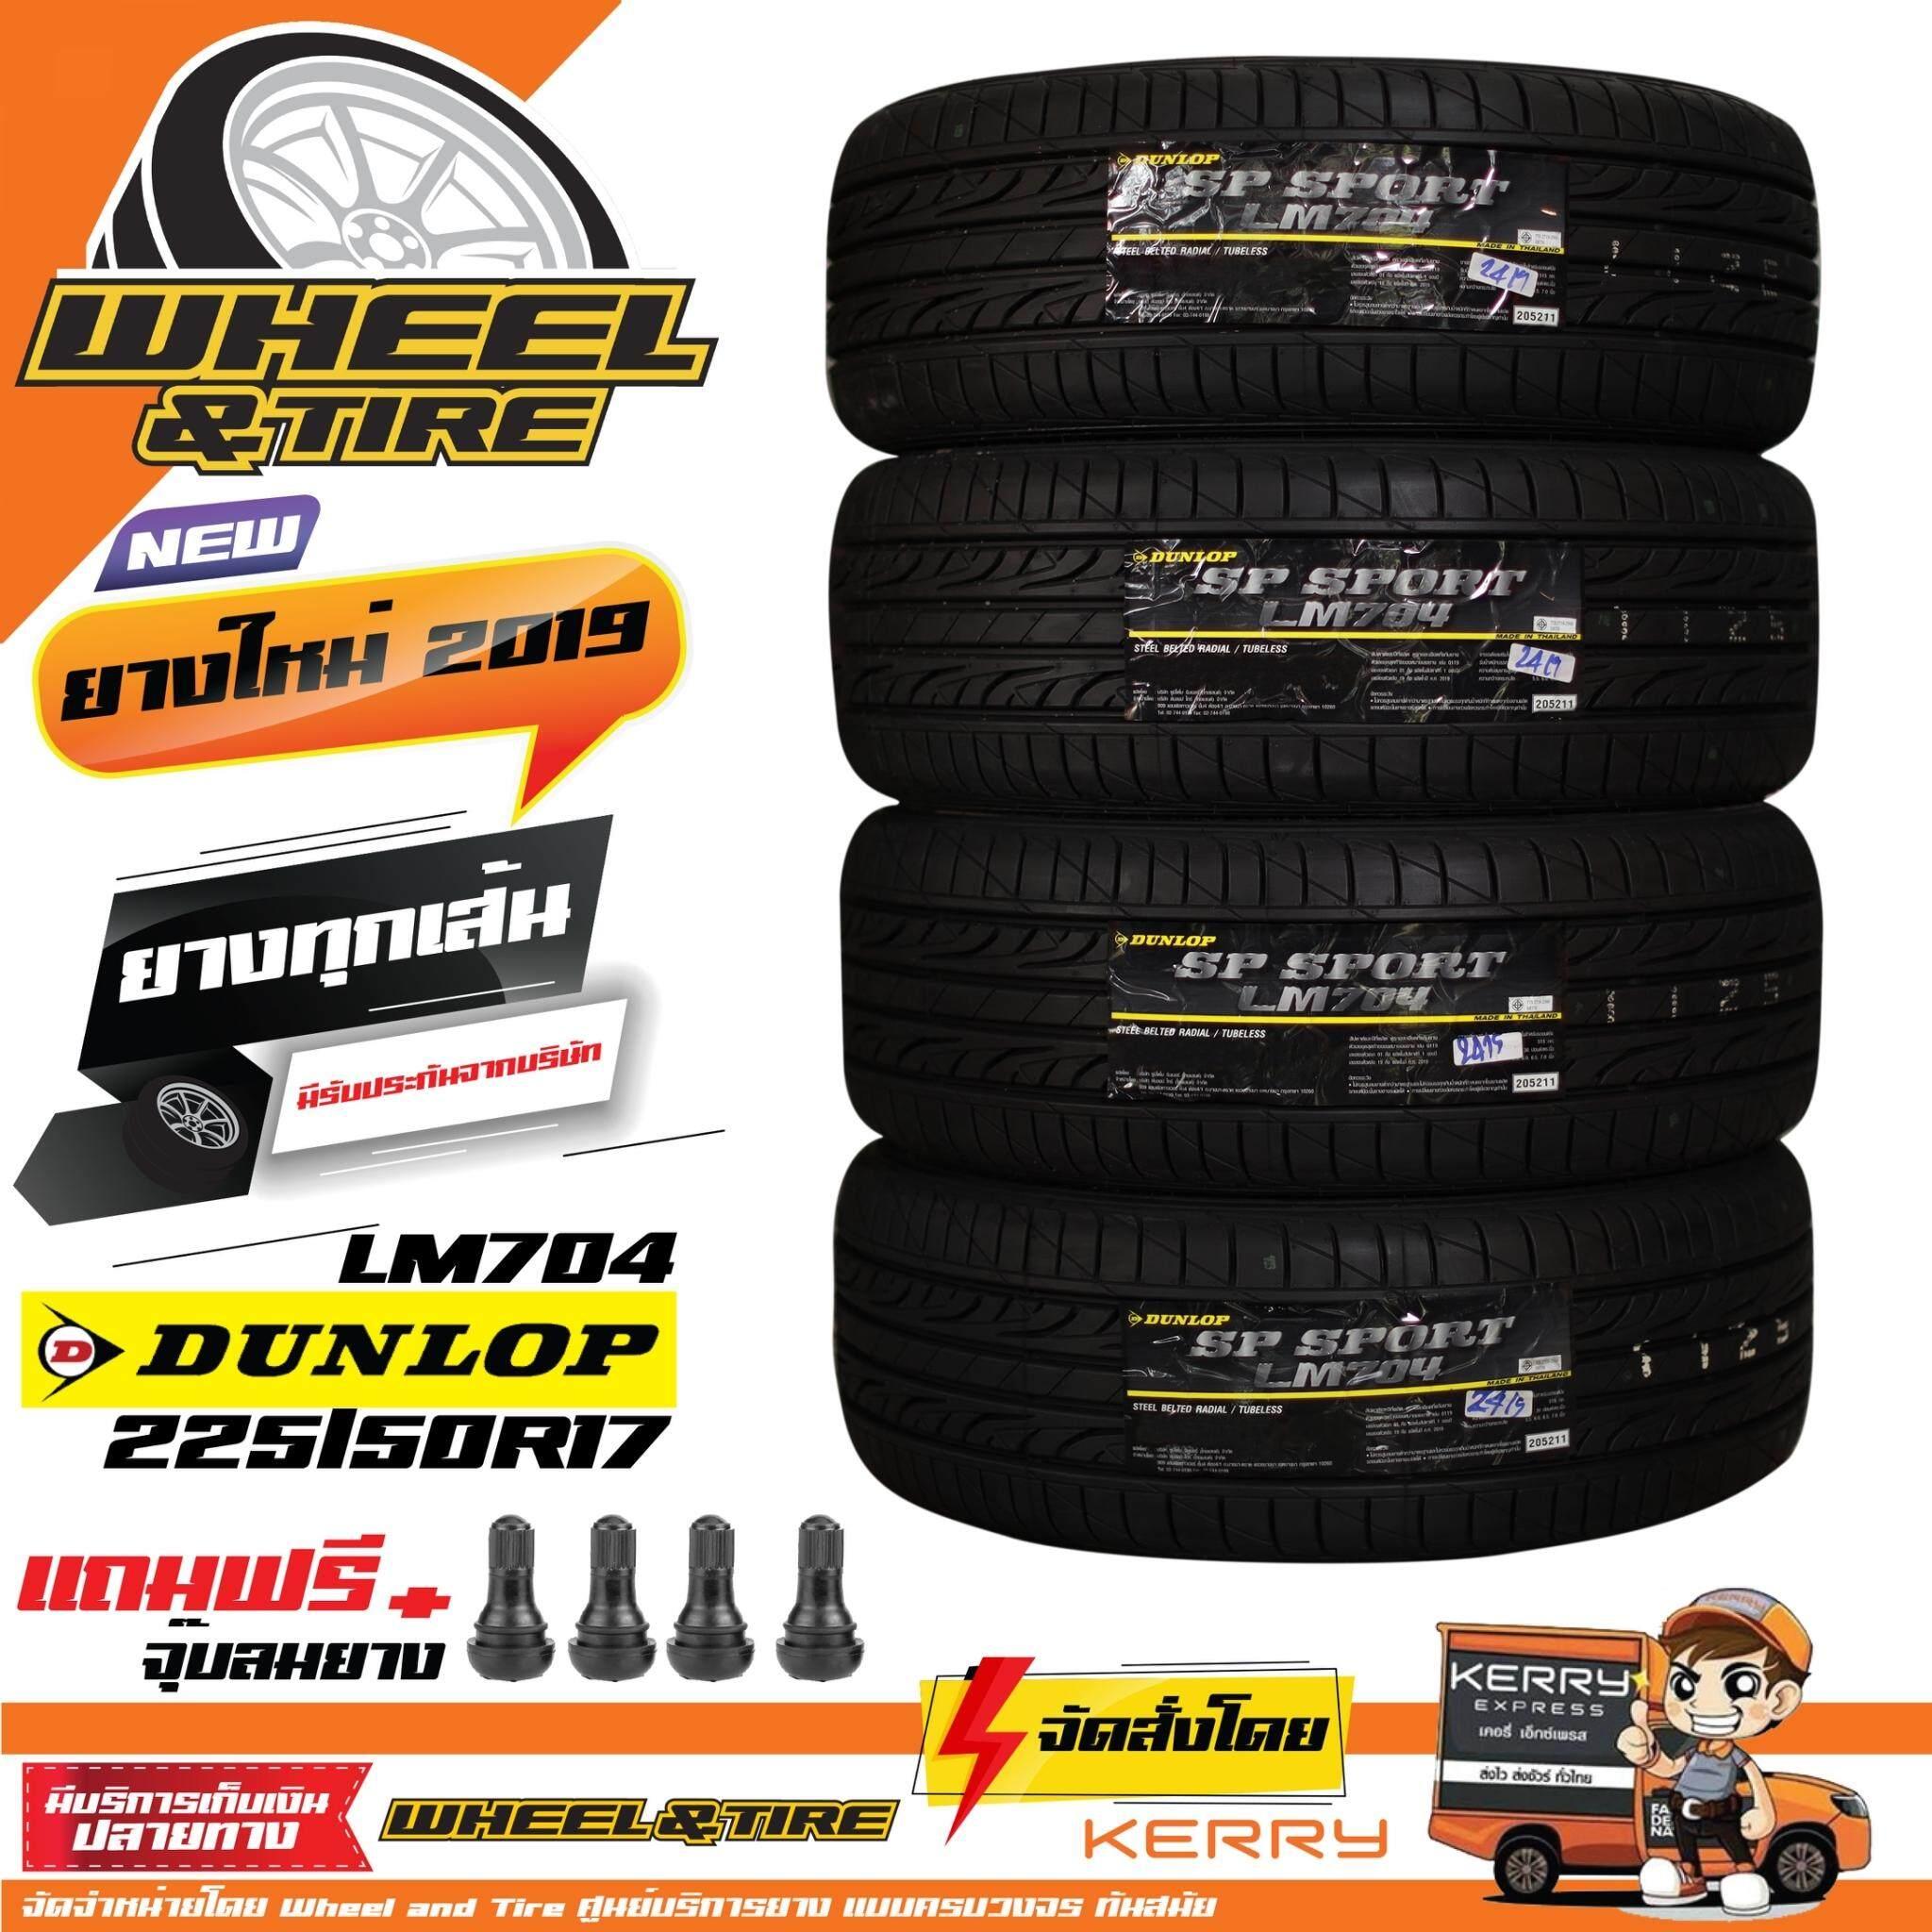 ประกันภัย รถยนต์ 2+ ชัยนาท Dunlop ยางรถยนต์ 225/50R17 รุ่น LM 704 จำนวน 4 เส้น ยางใหม่ปี 2019  แถมฟรีจุ๊บลมยาง  4 ชิ้น